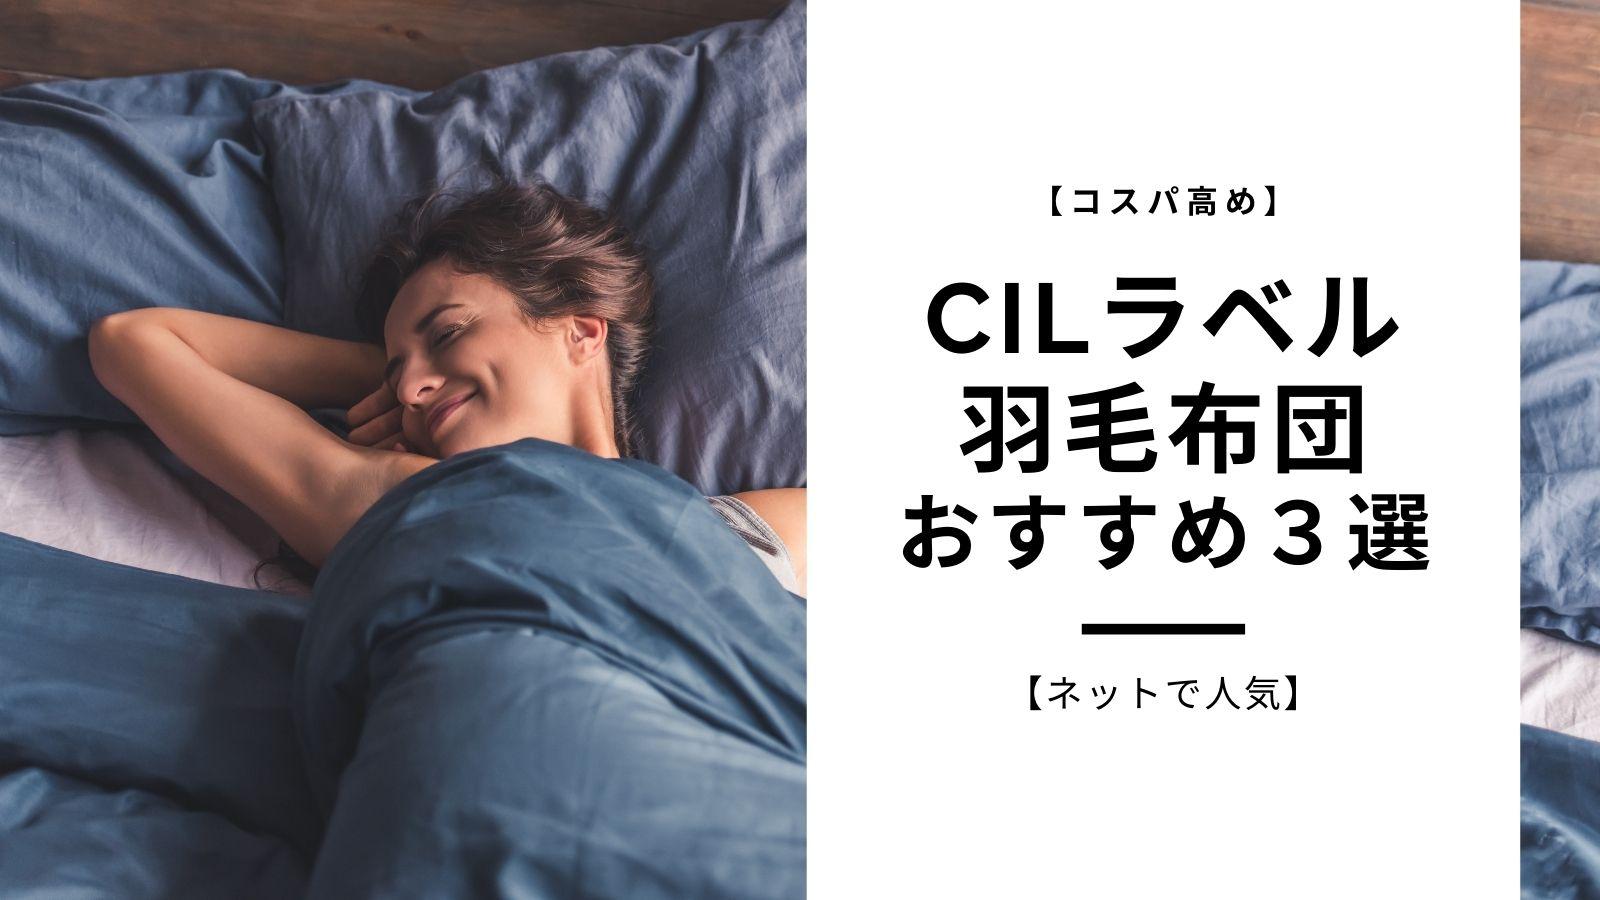 CILラベル羽毛布団おすすめアイキャッチ